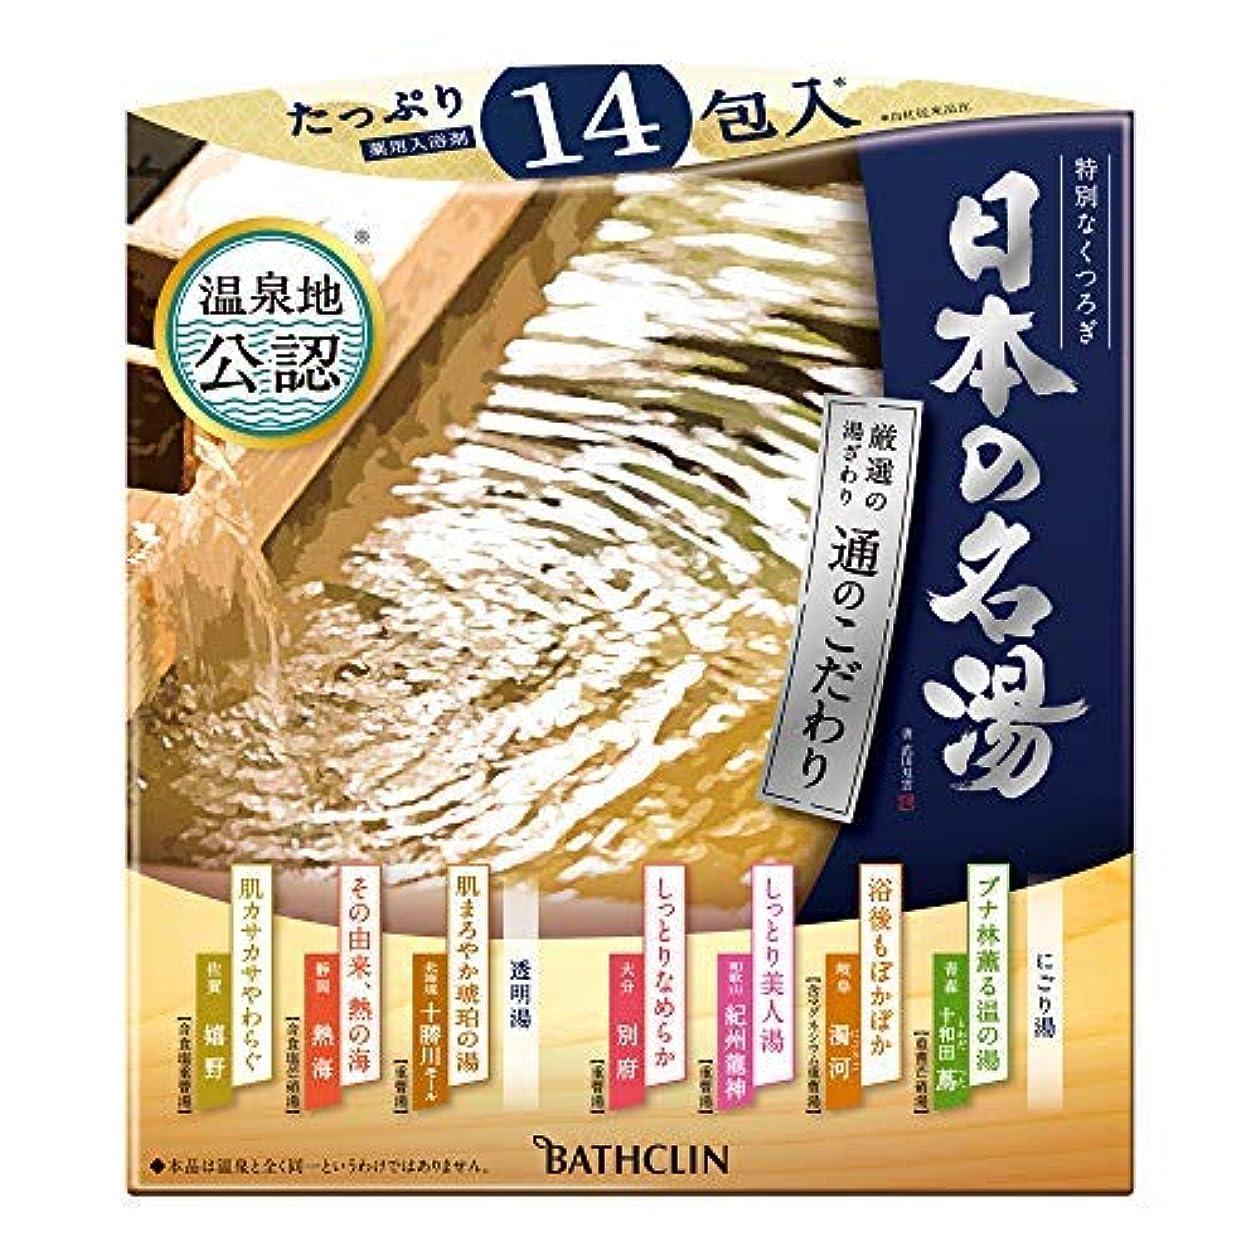 カヌー貪欲ジム日本の名湯 通のこだわり 30g×14包 × 2個セット